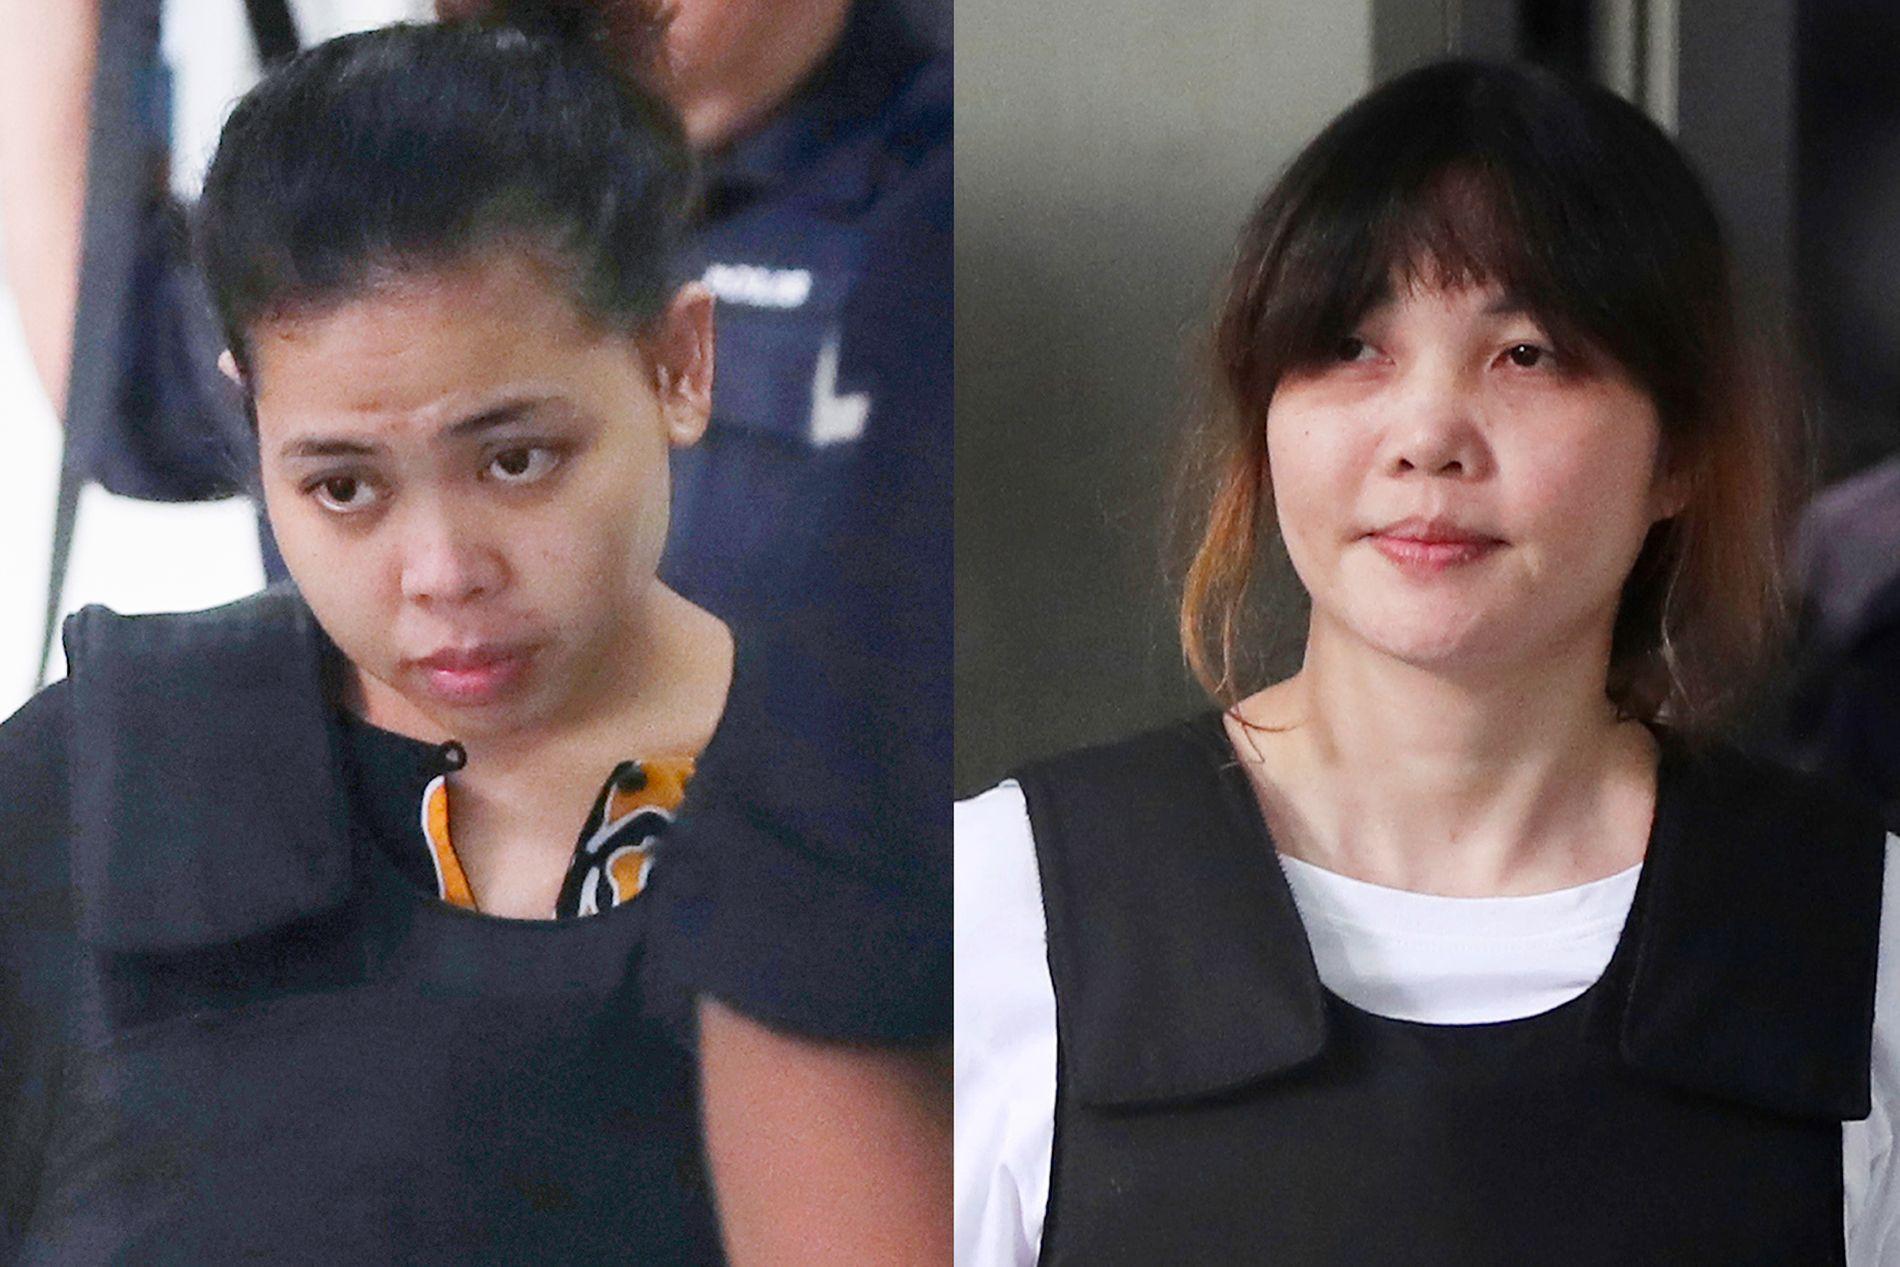 RISIKIERER DØDSSTRAFF: De to kvinnene, Siti Aisya (t.v.) og Doan Thi Huong står tiltalt for attentatet til Nord-Koreas leder Kim Jong-uns bror Kim Jong-nam.